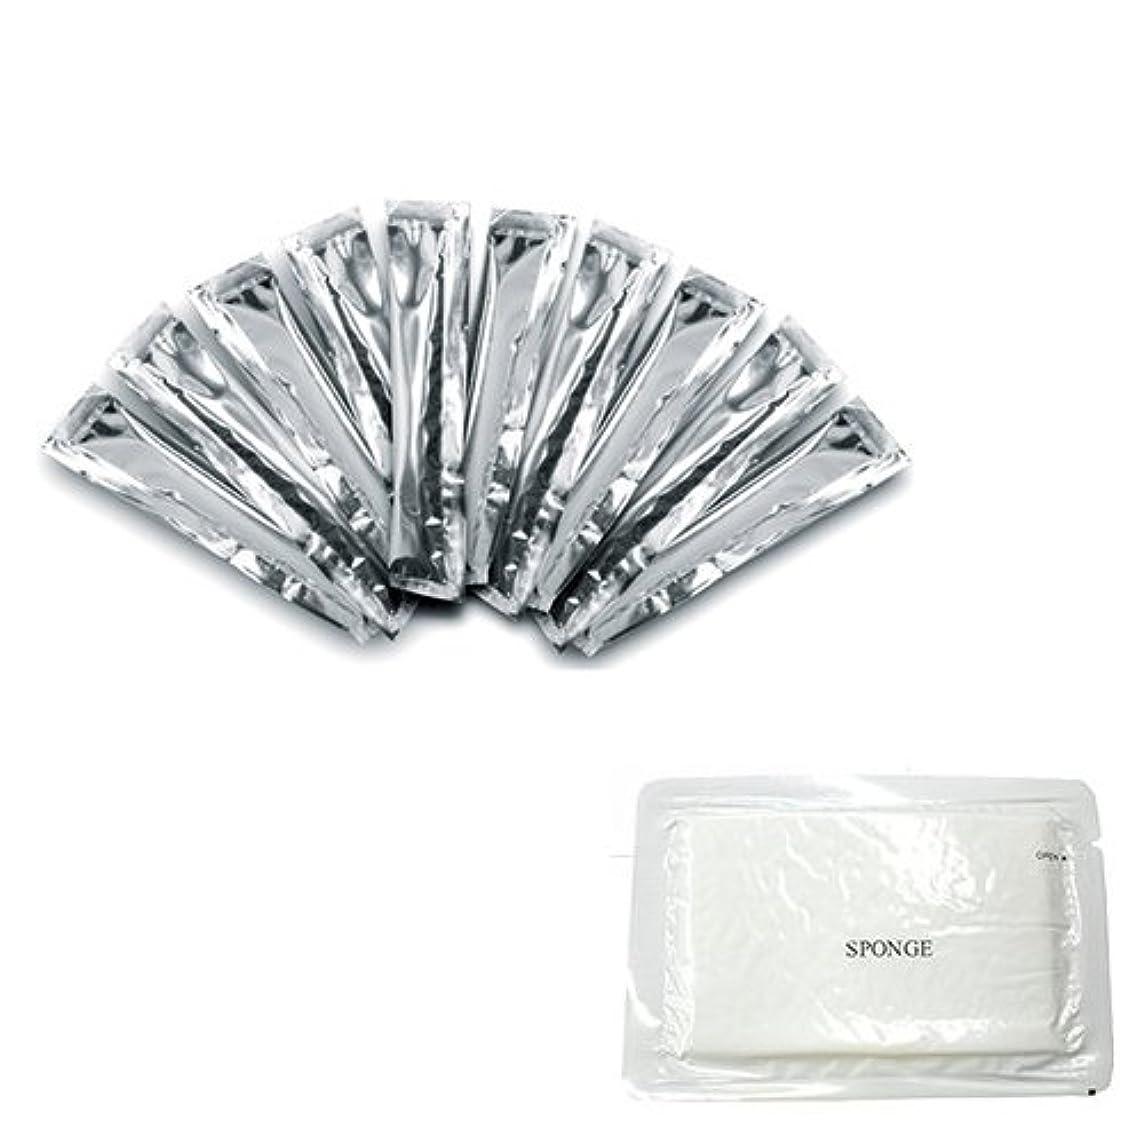 晩餐鮫パスポート12ml 携帯に便利な使いきりサイズのスティックローション 10本 + 圧縮スポンジセット